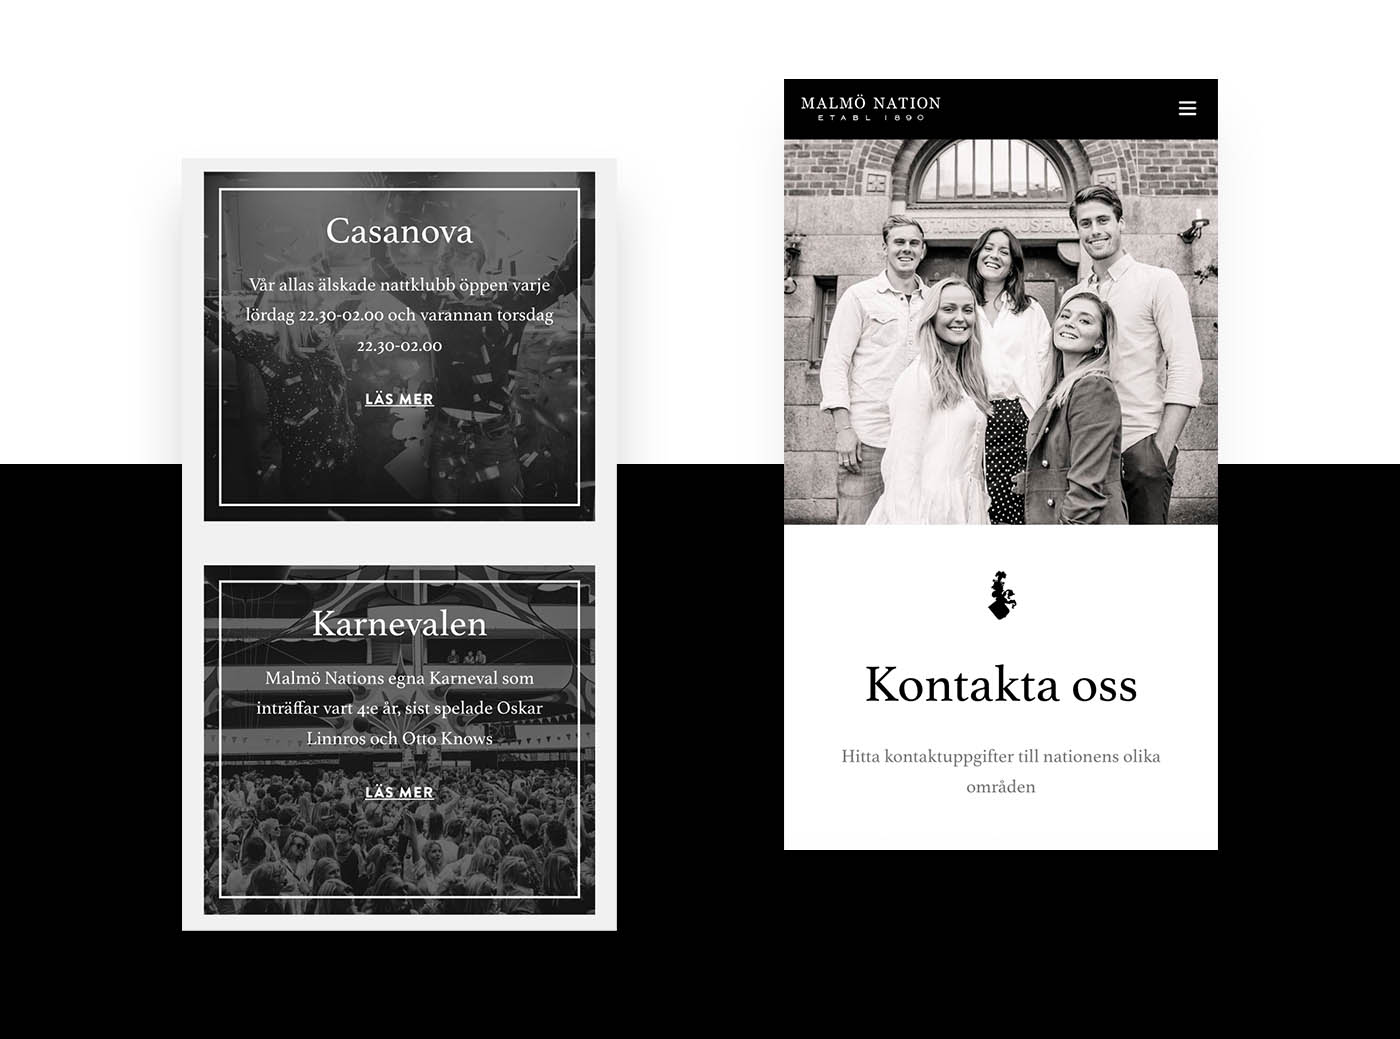 Malmö nation website design lund